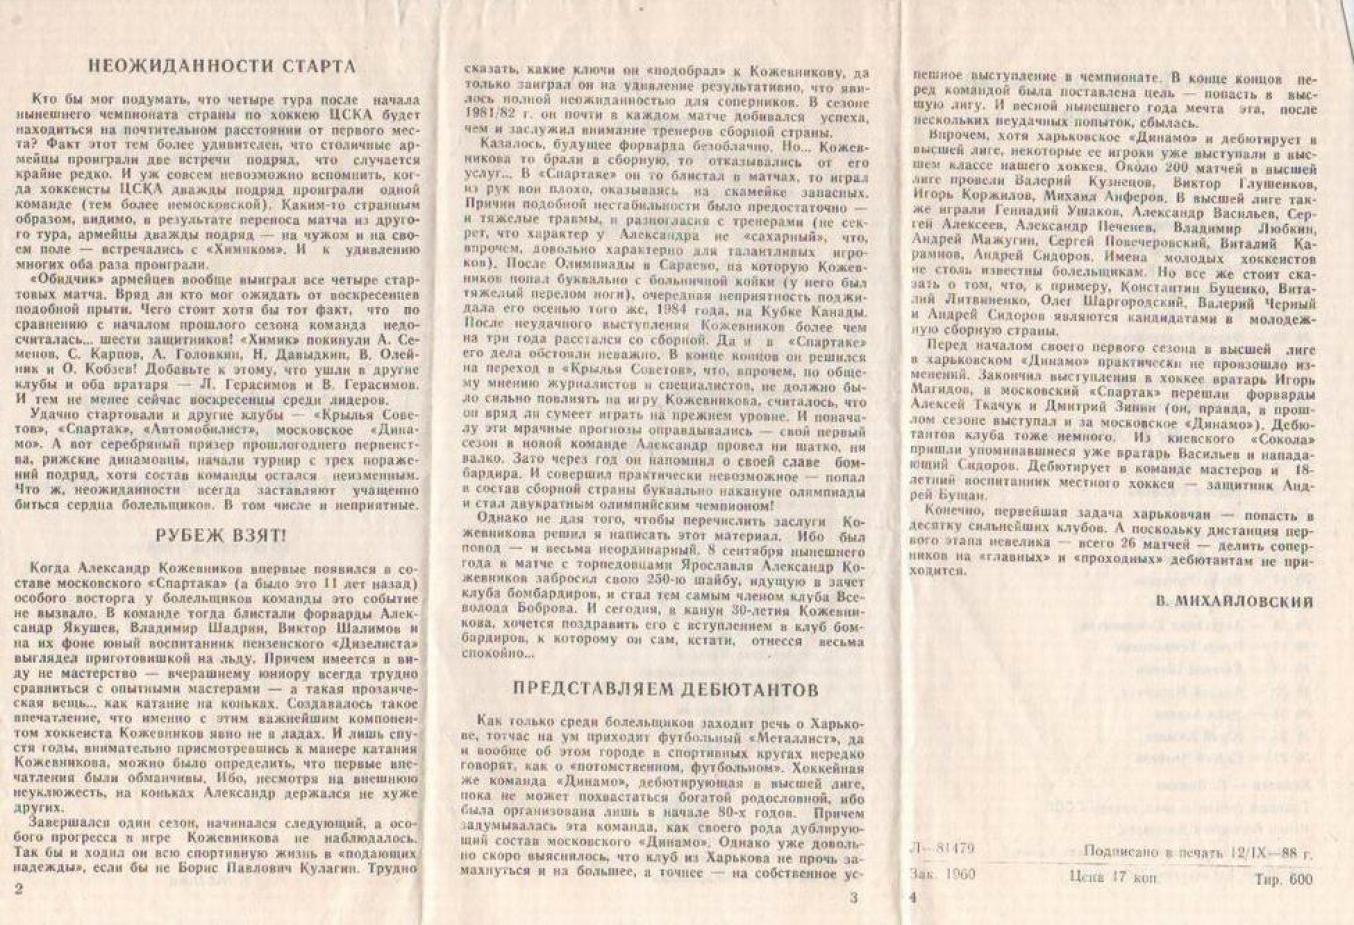 1988.09.16. Крылья Советов - Динамо, Харьков (Чм. СССР)_02.png